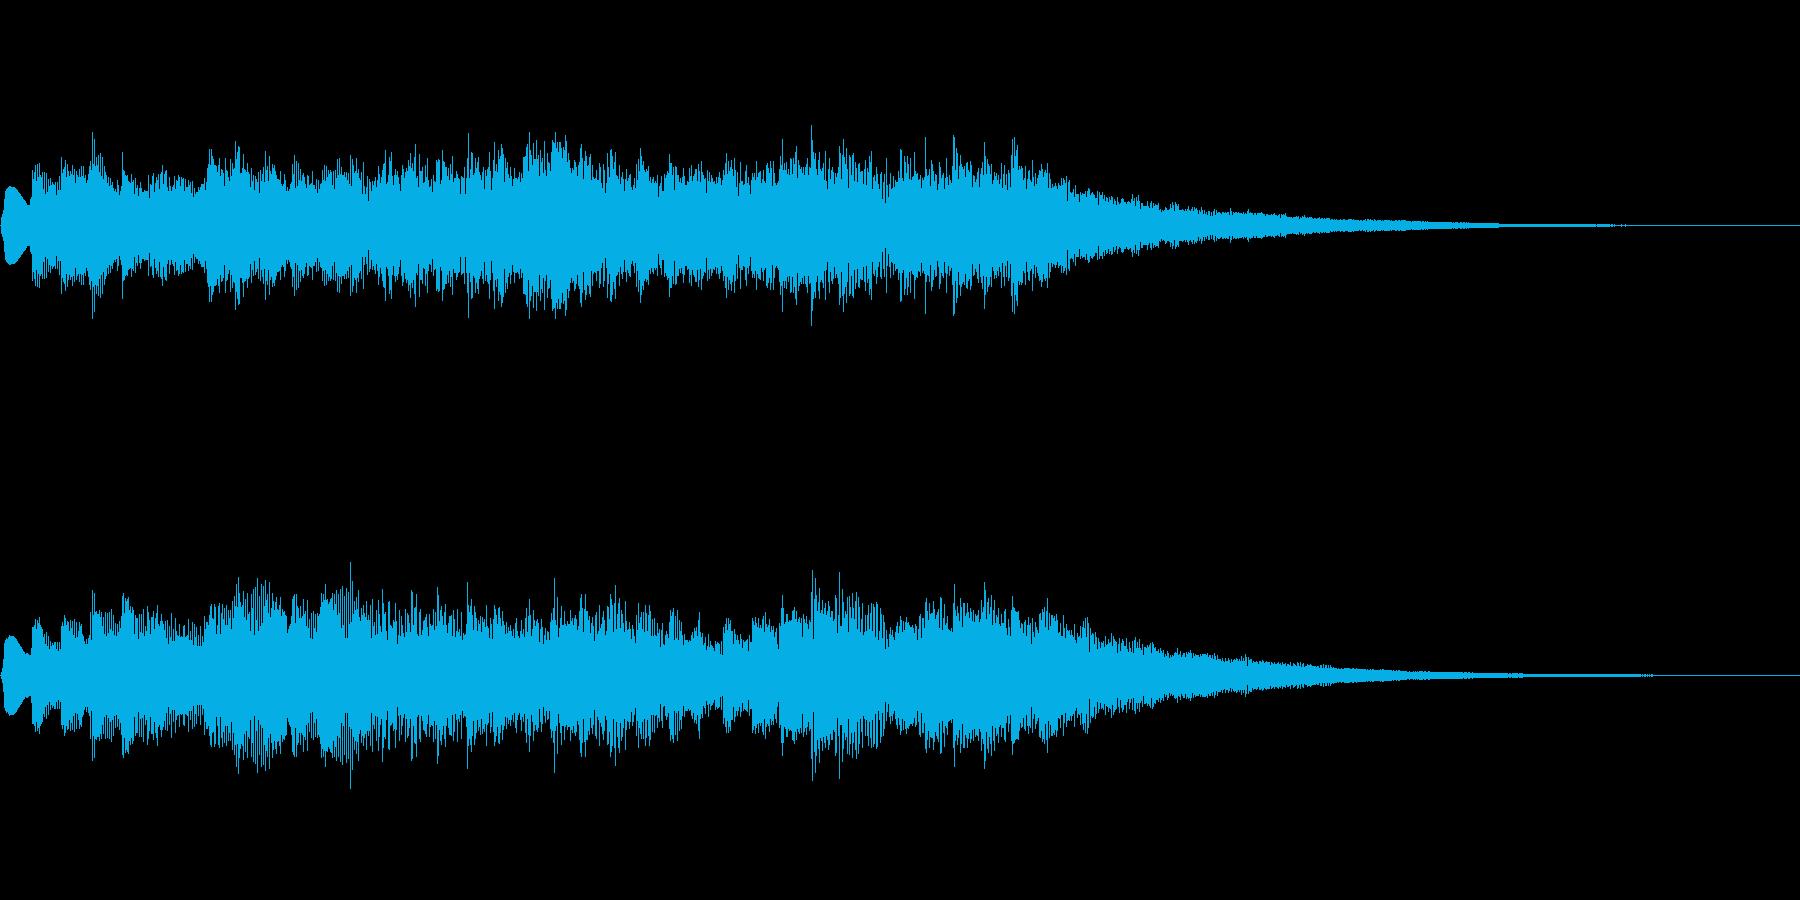 オルゴール風ジングルの再生済みの波形